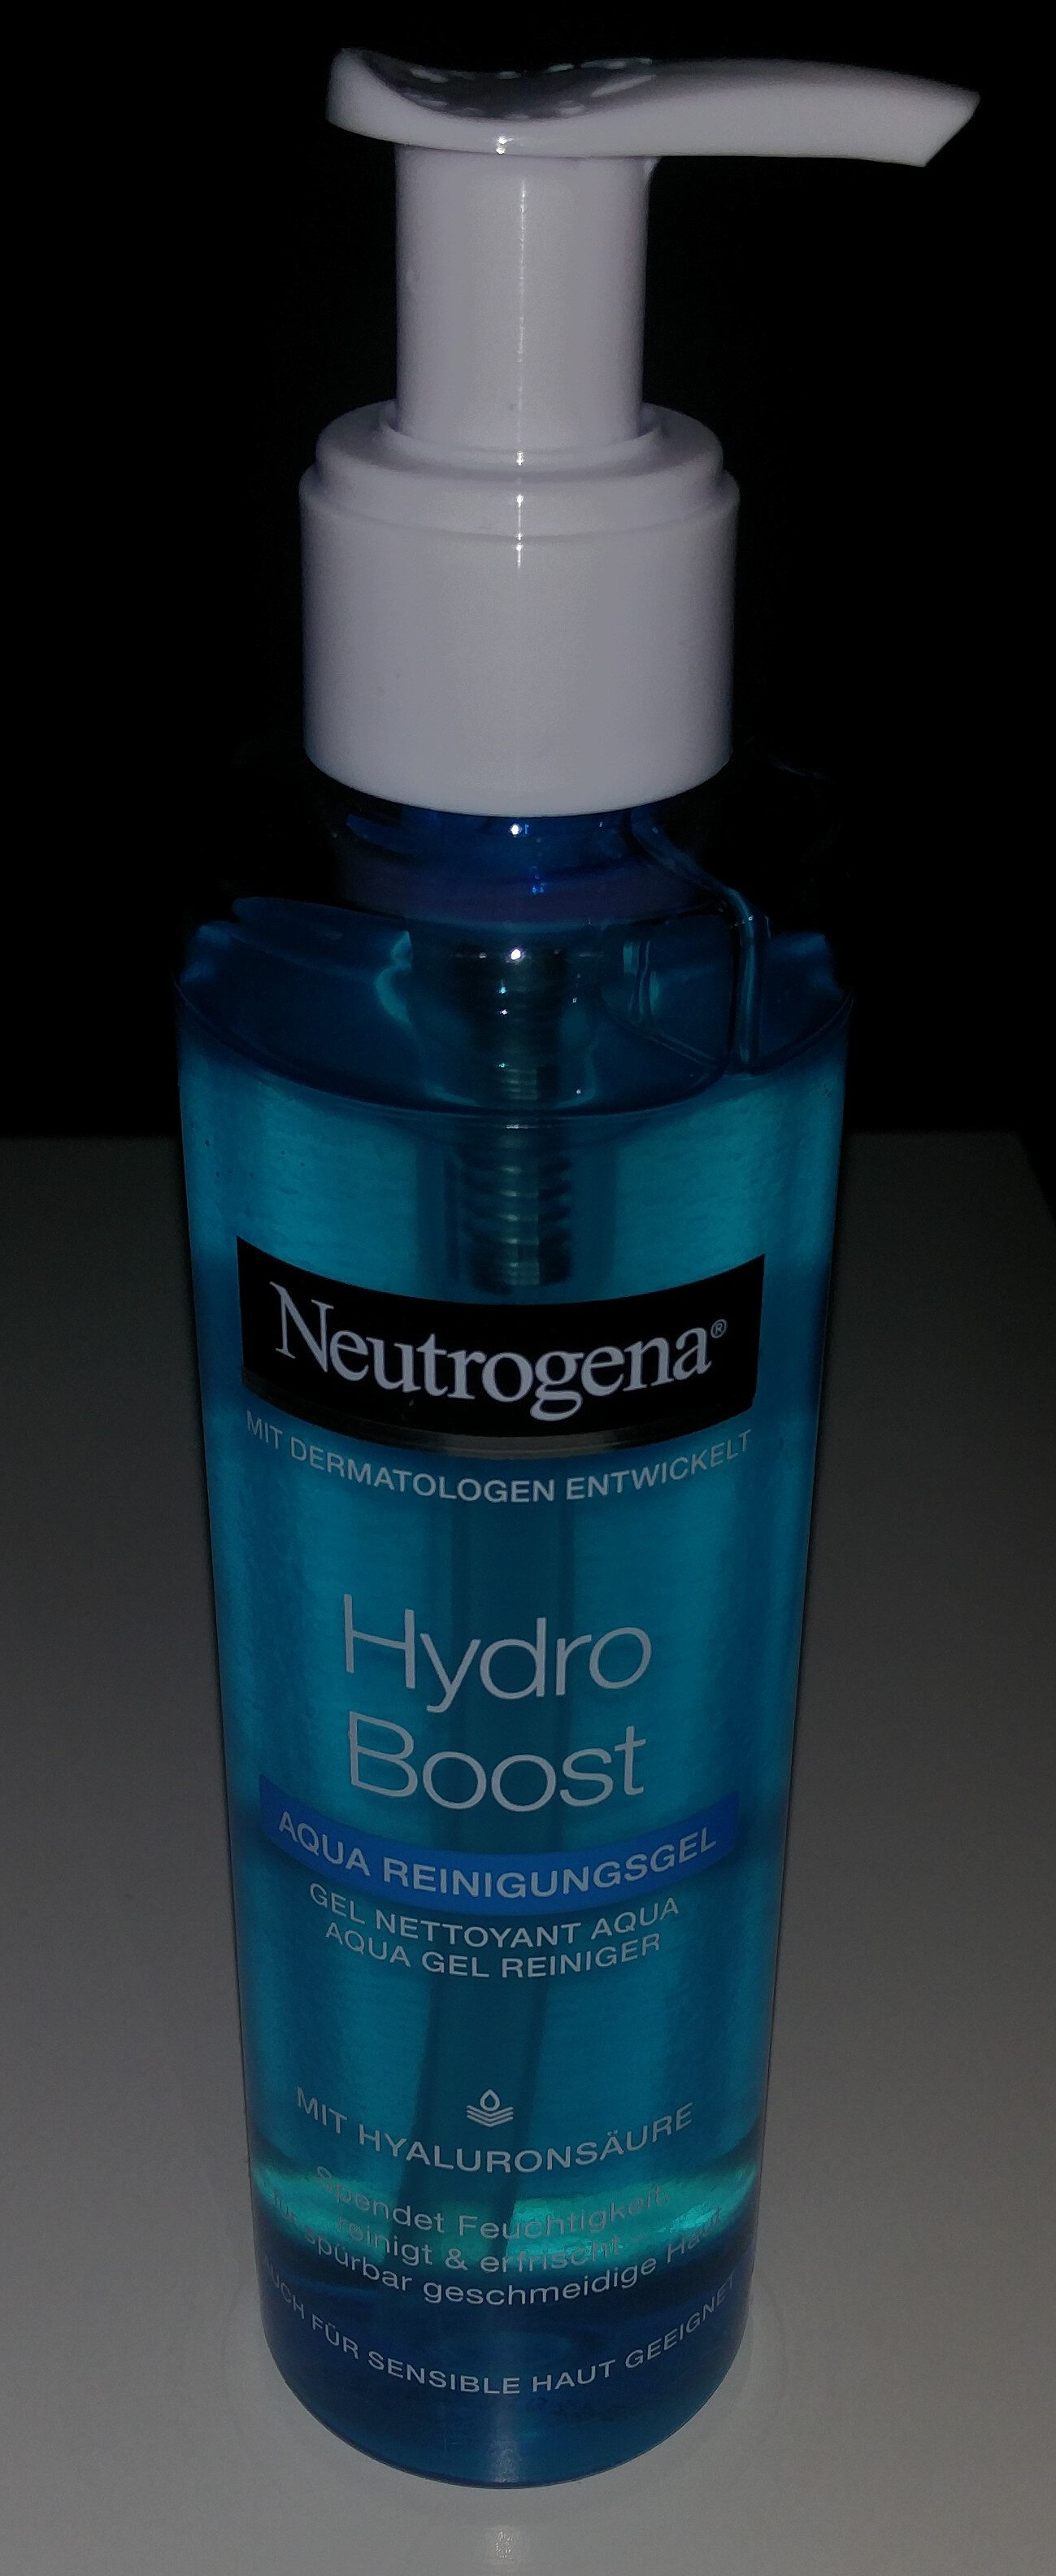 Hydro Boost Aqua Reinigungsgel - Product - de